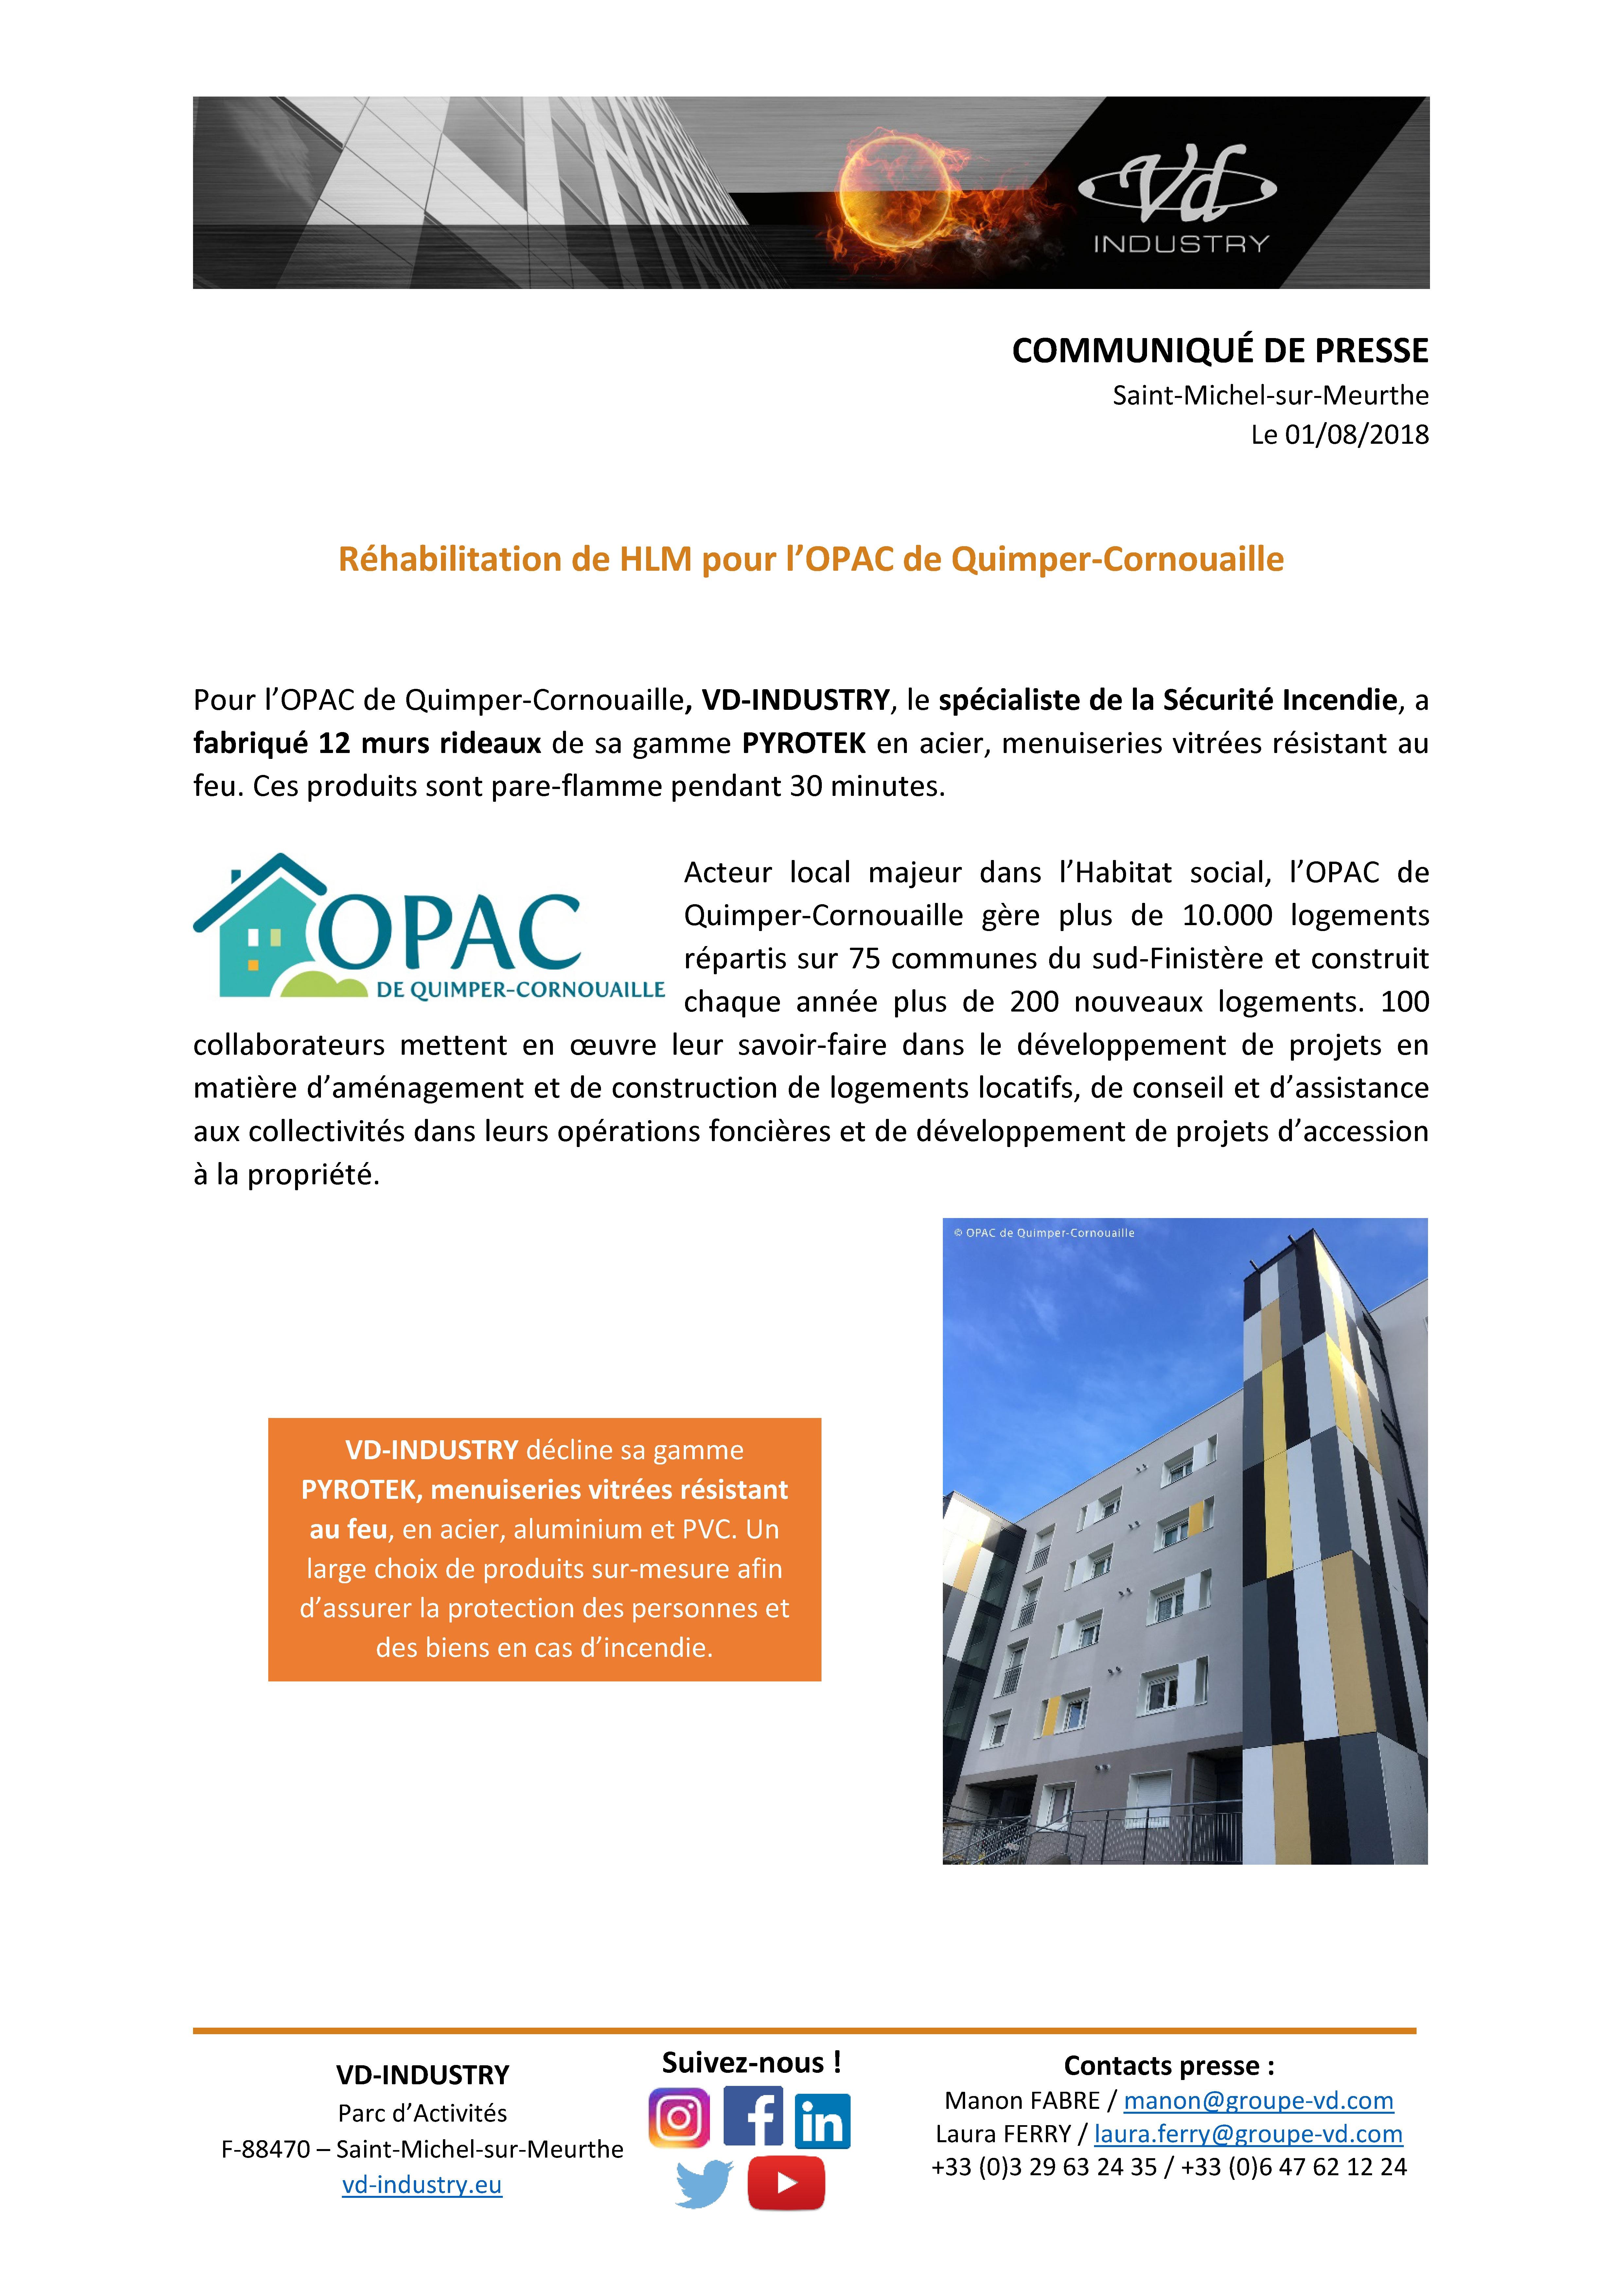 Communiqué de presse - HLM pour l'OPAC Quimper